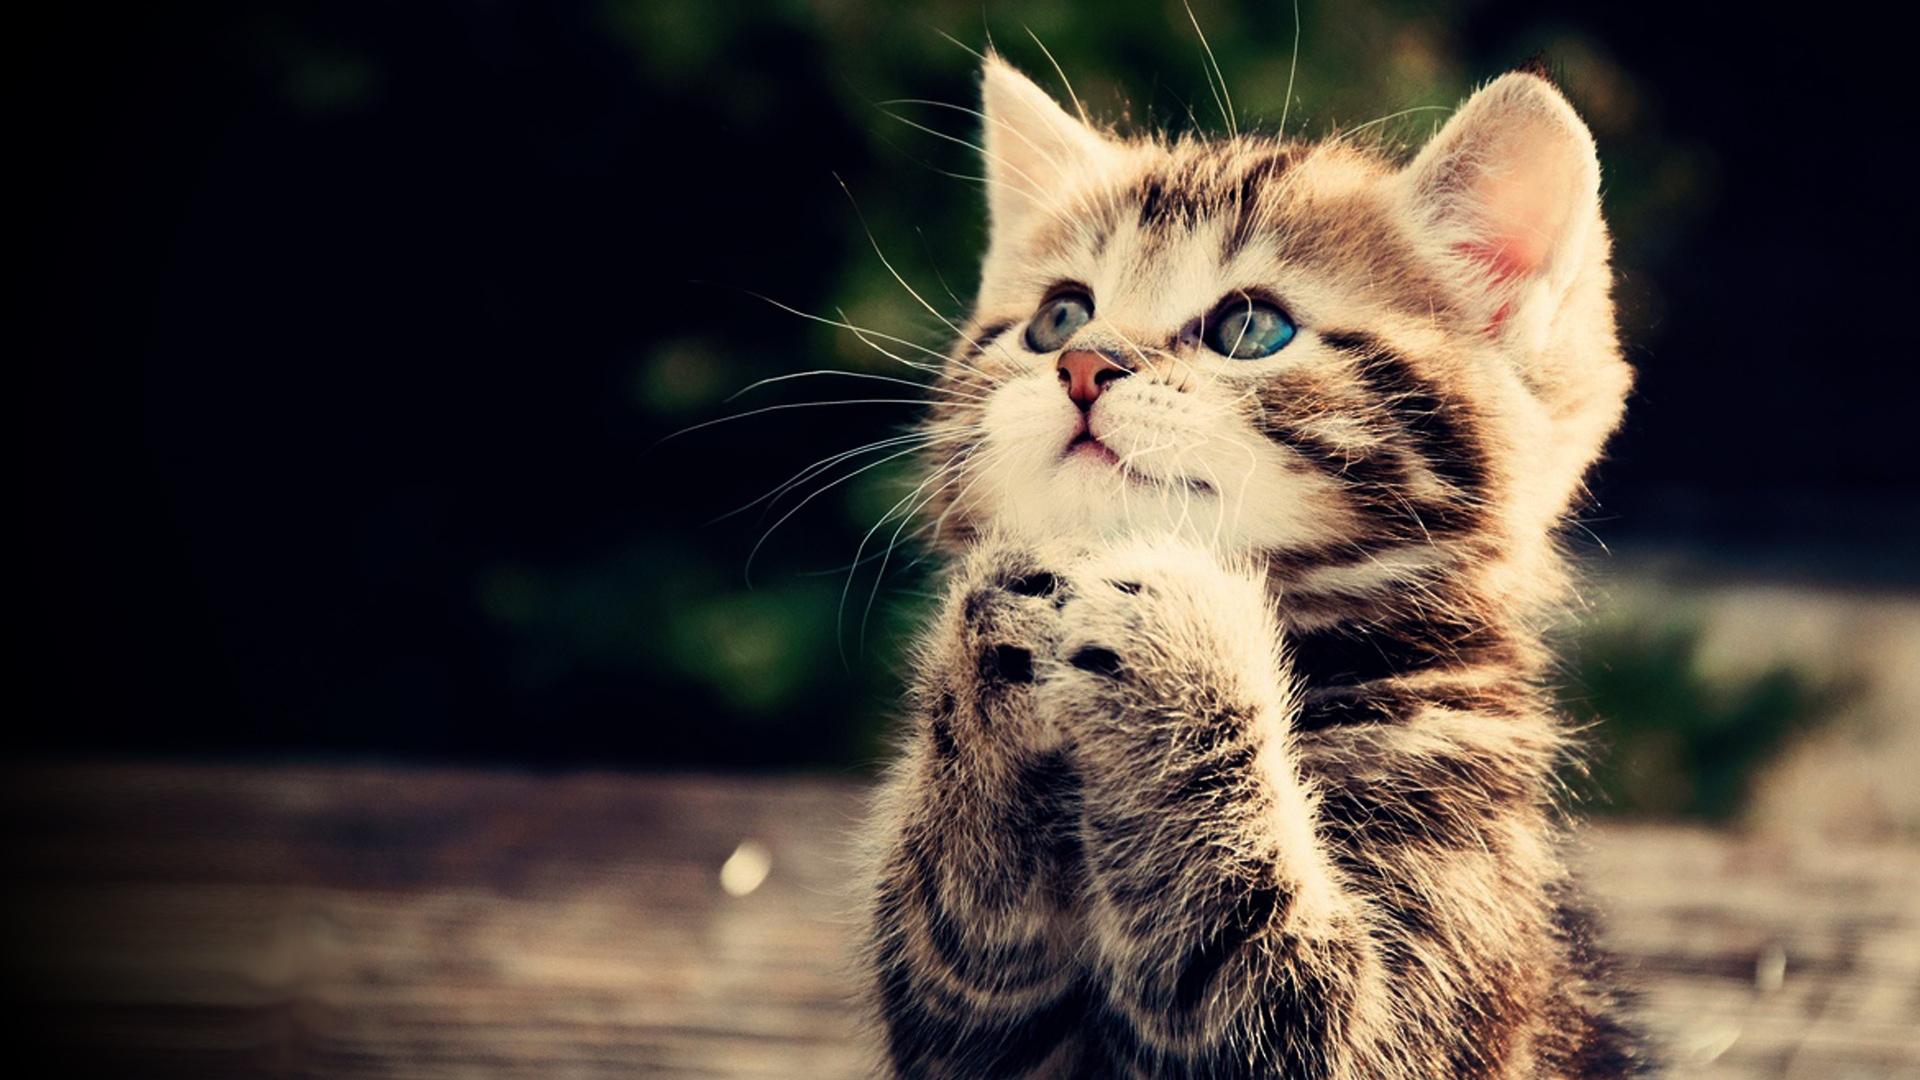 Praying kitten Full HD wallpaper cute animal picture 1080p download 1920x1080